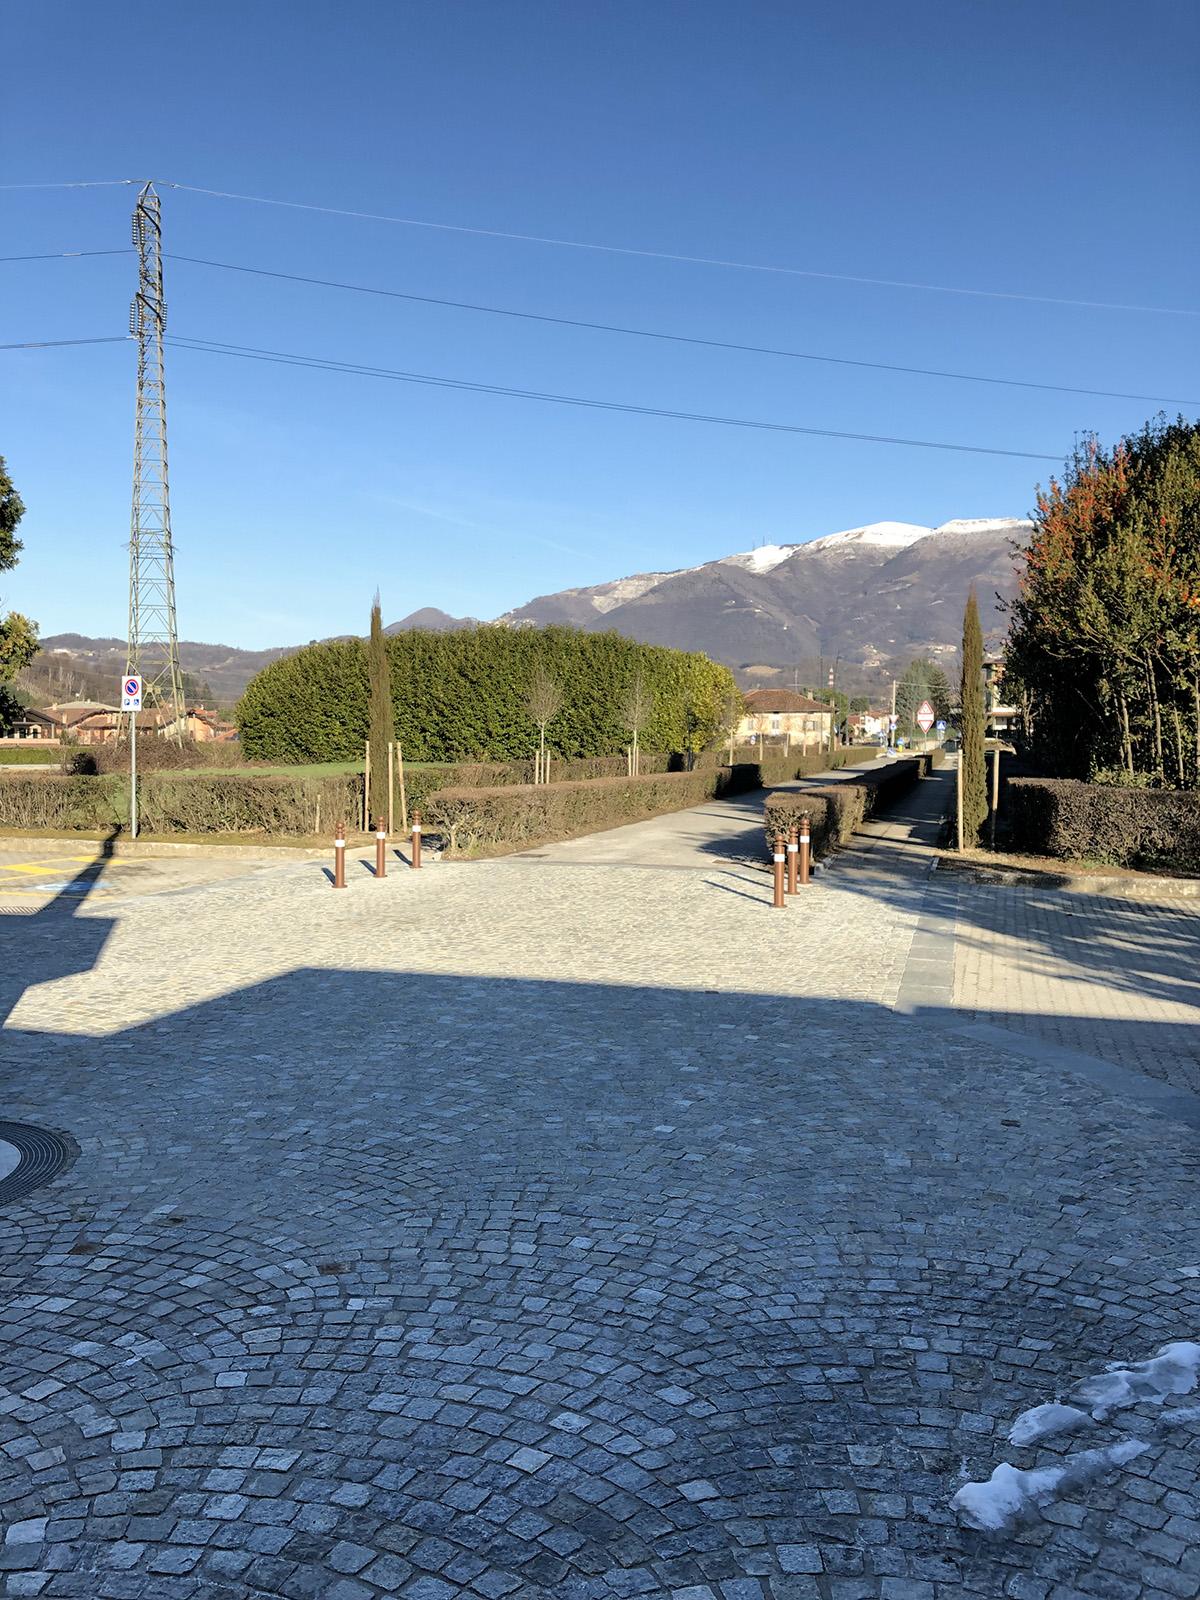 Perico-Renato-Ambivere (BG) - Cimitero comunale - Ristrutturazione 14